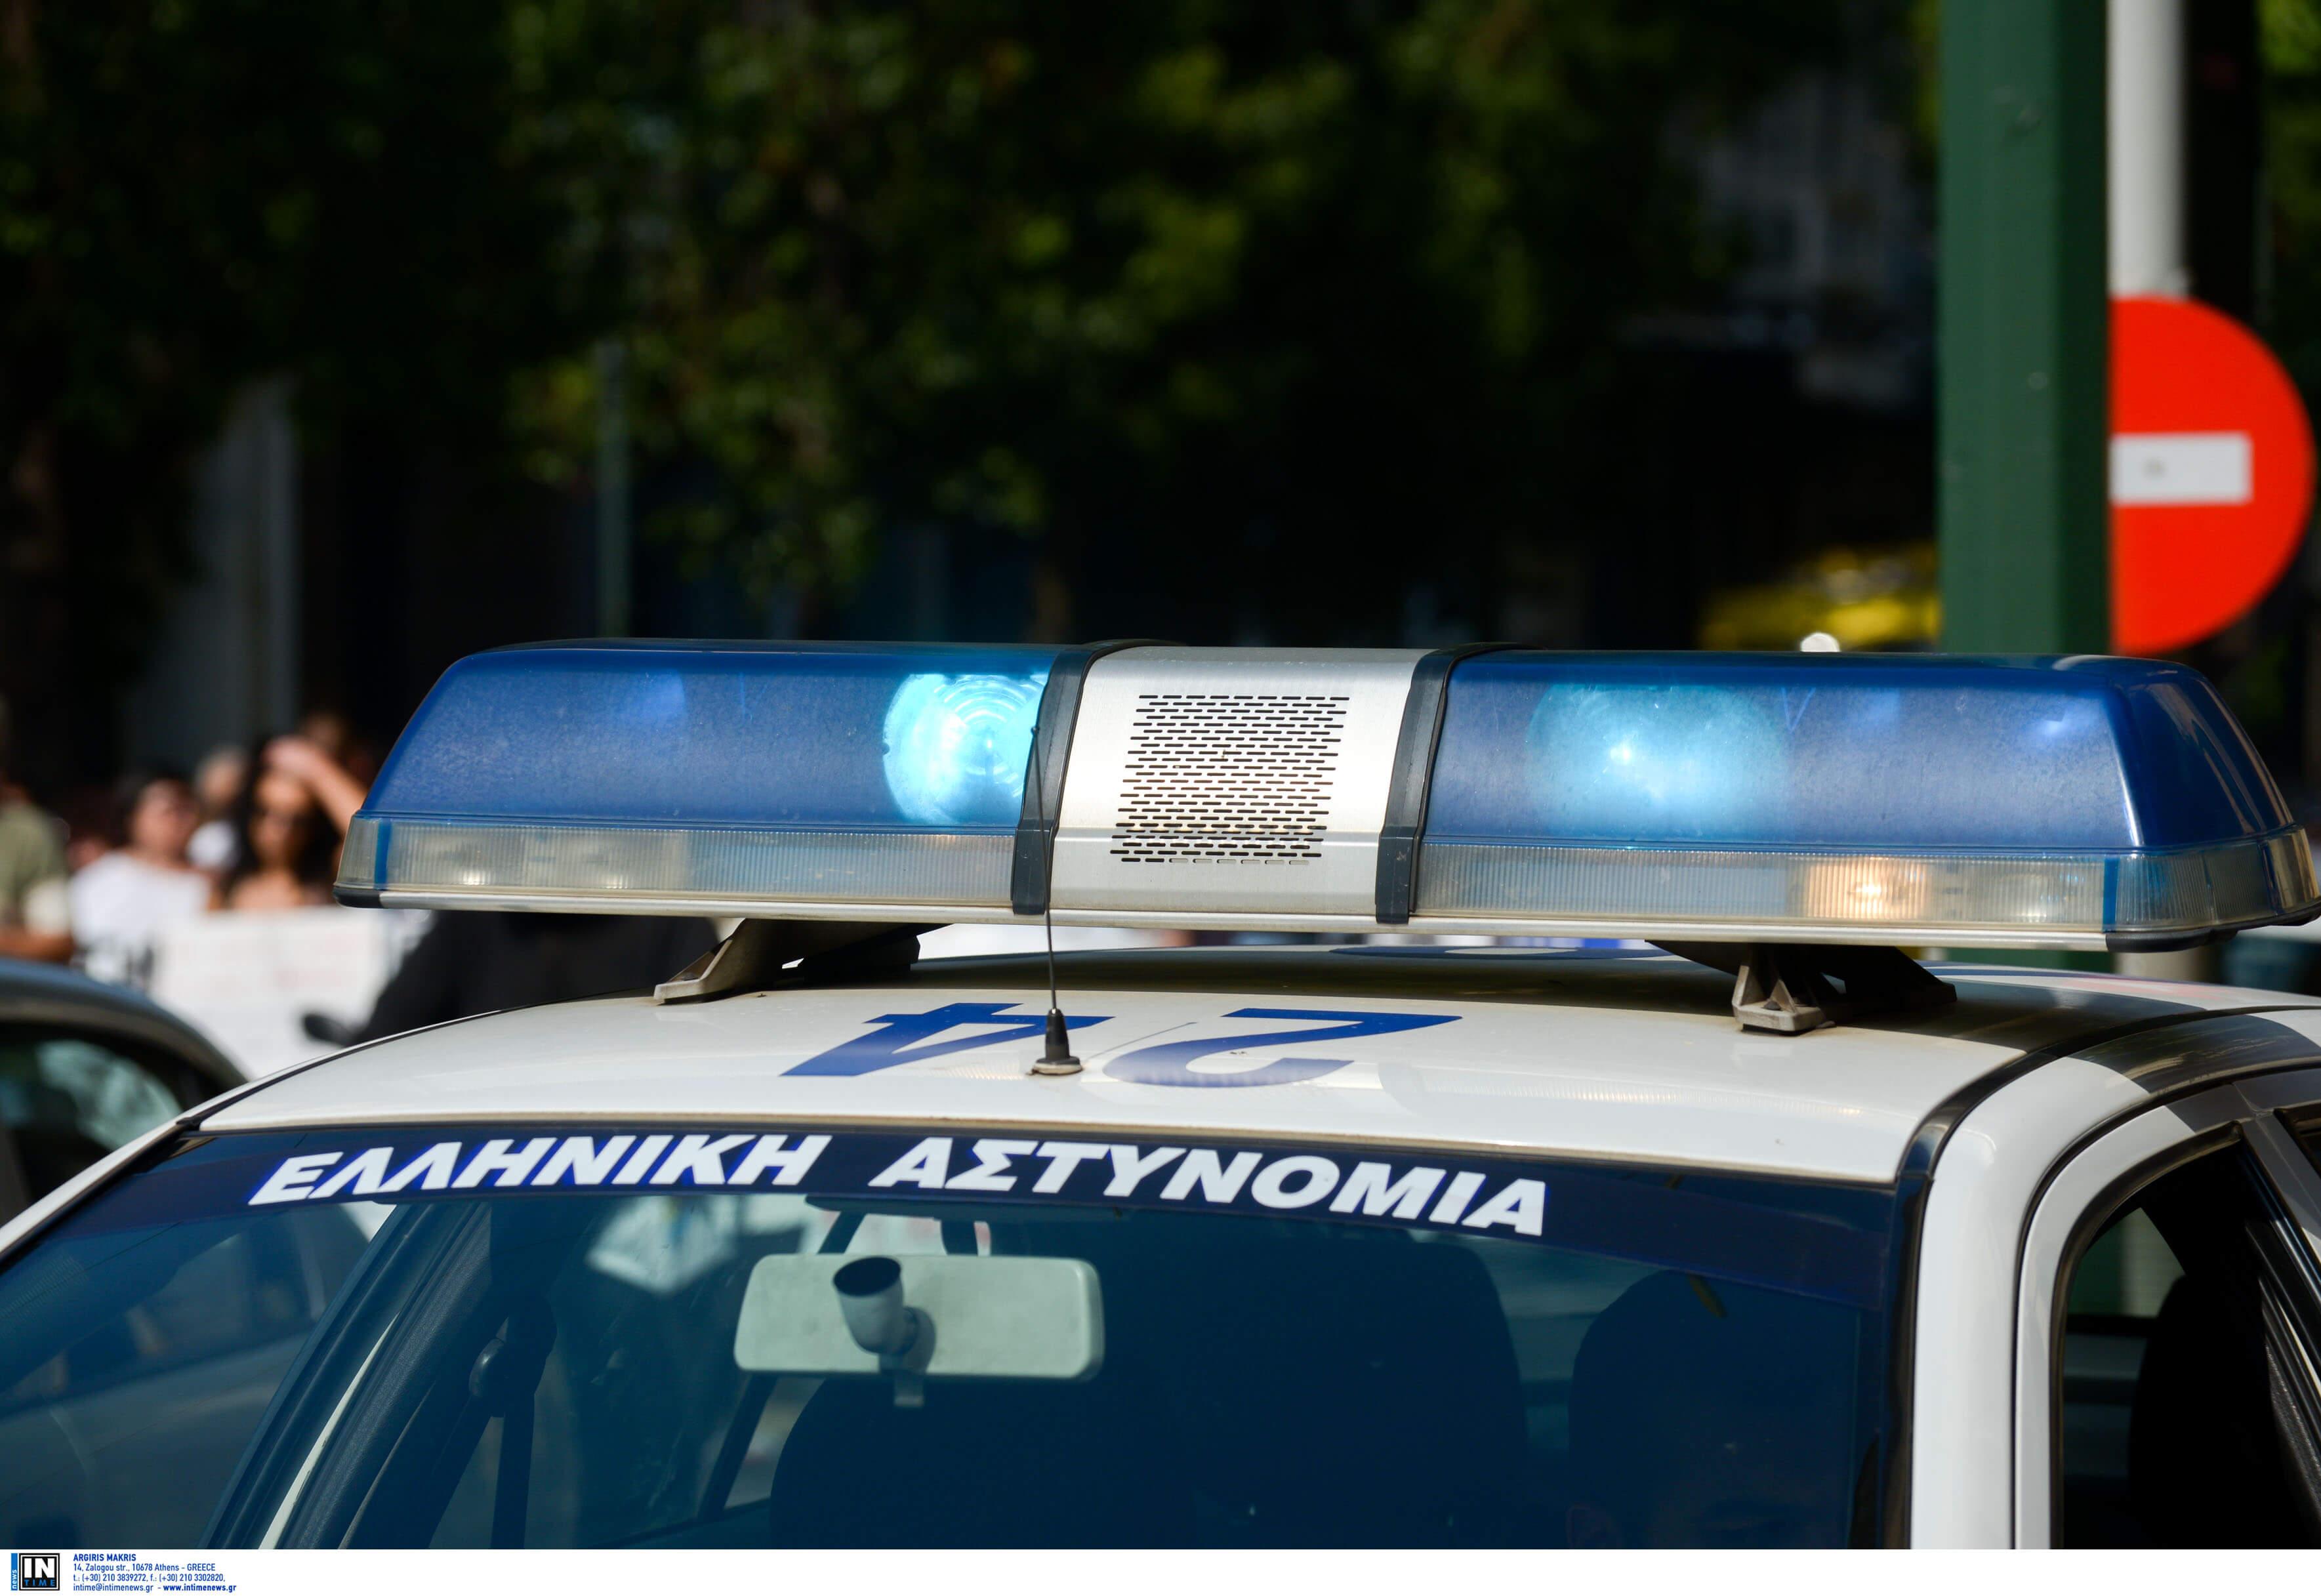 Ξάνθη: Στρίμωξε σε αυτοκίνητο 19 άτομα – Οι αστυνομικοί προσπαθούσαν να πιστέψουν στα μάτια τους!